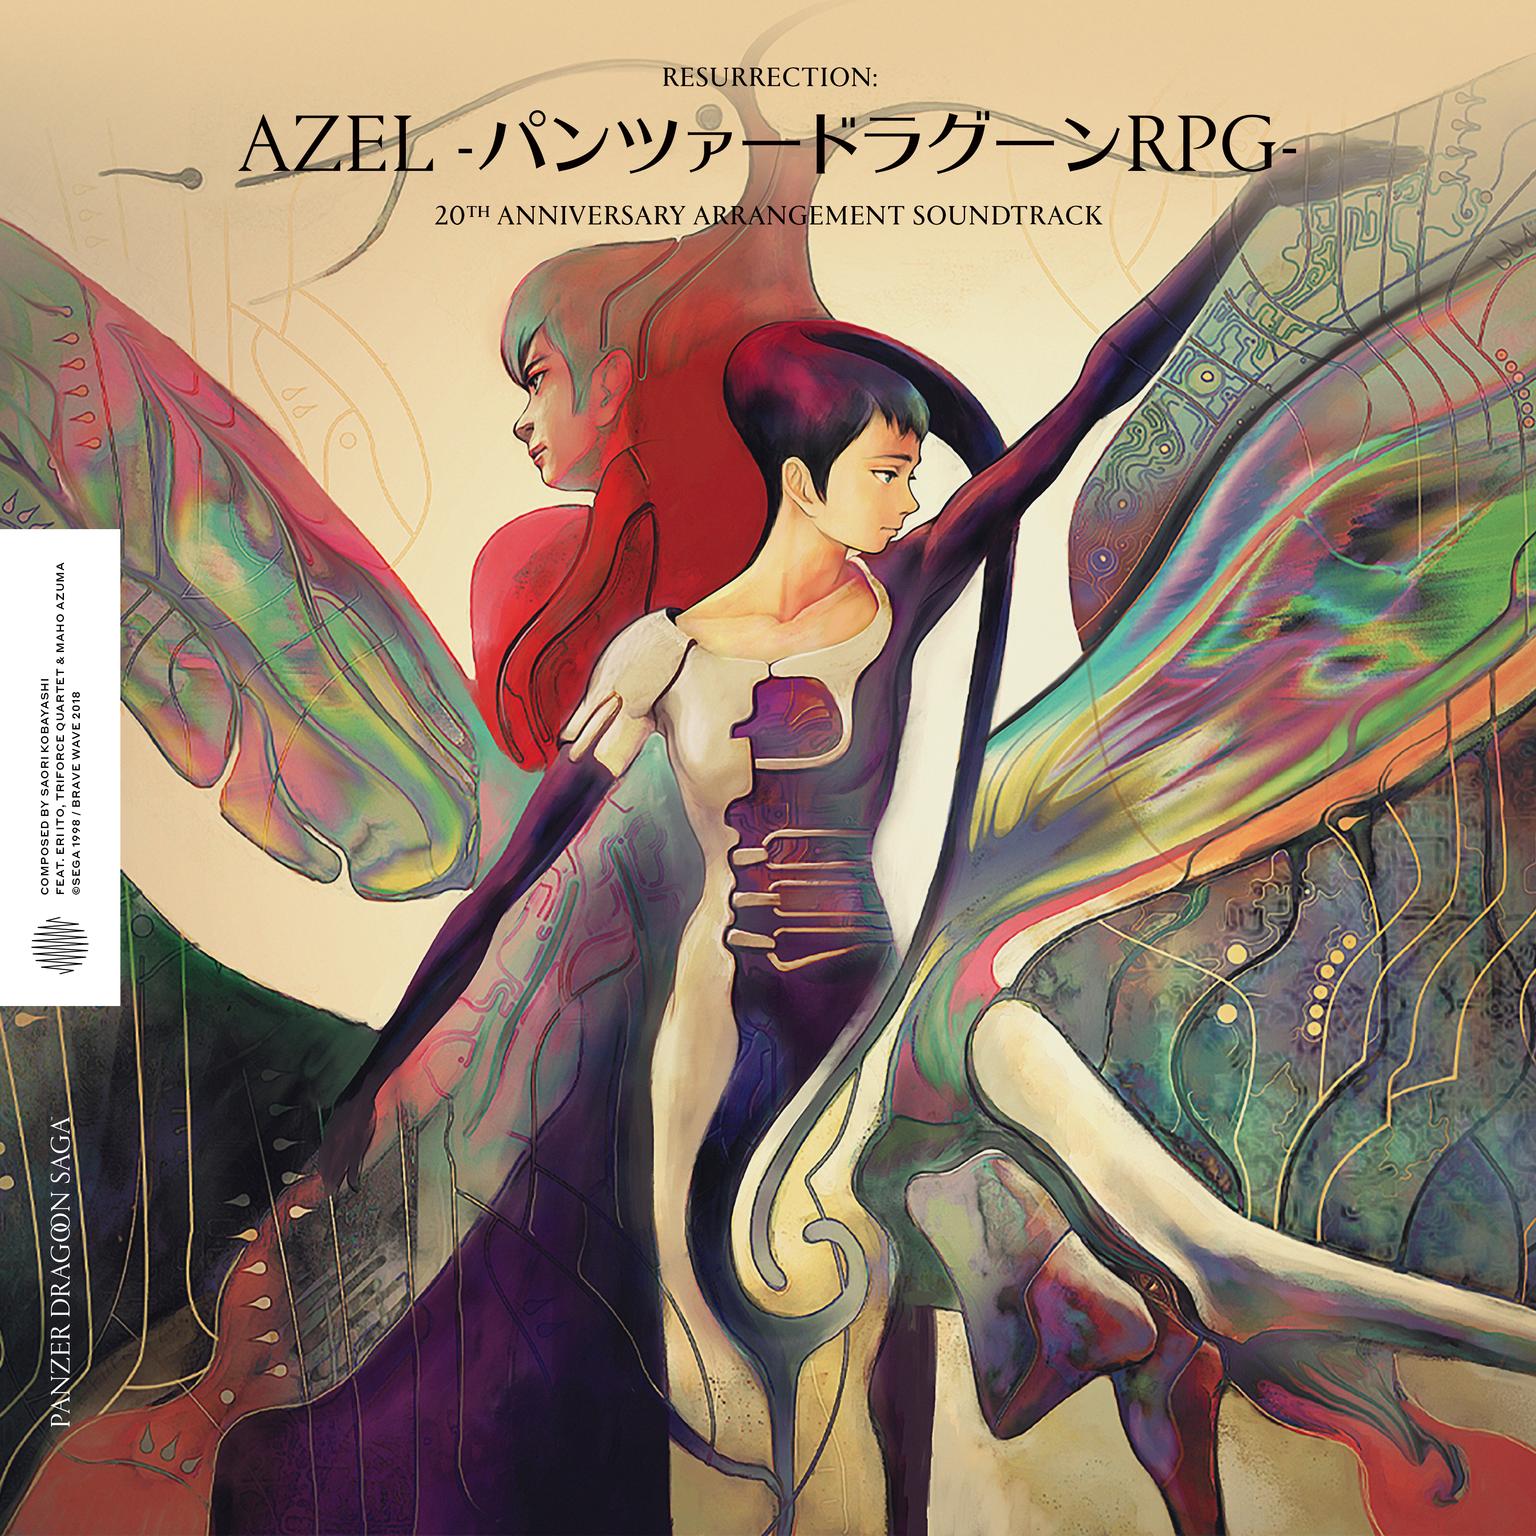 BW-SGA-004  Resurrection: AZEL-パンツァードラグーンRPG- 20th Anniversary Arrangement 配信・CD・アナログレコード盤